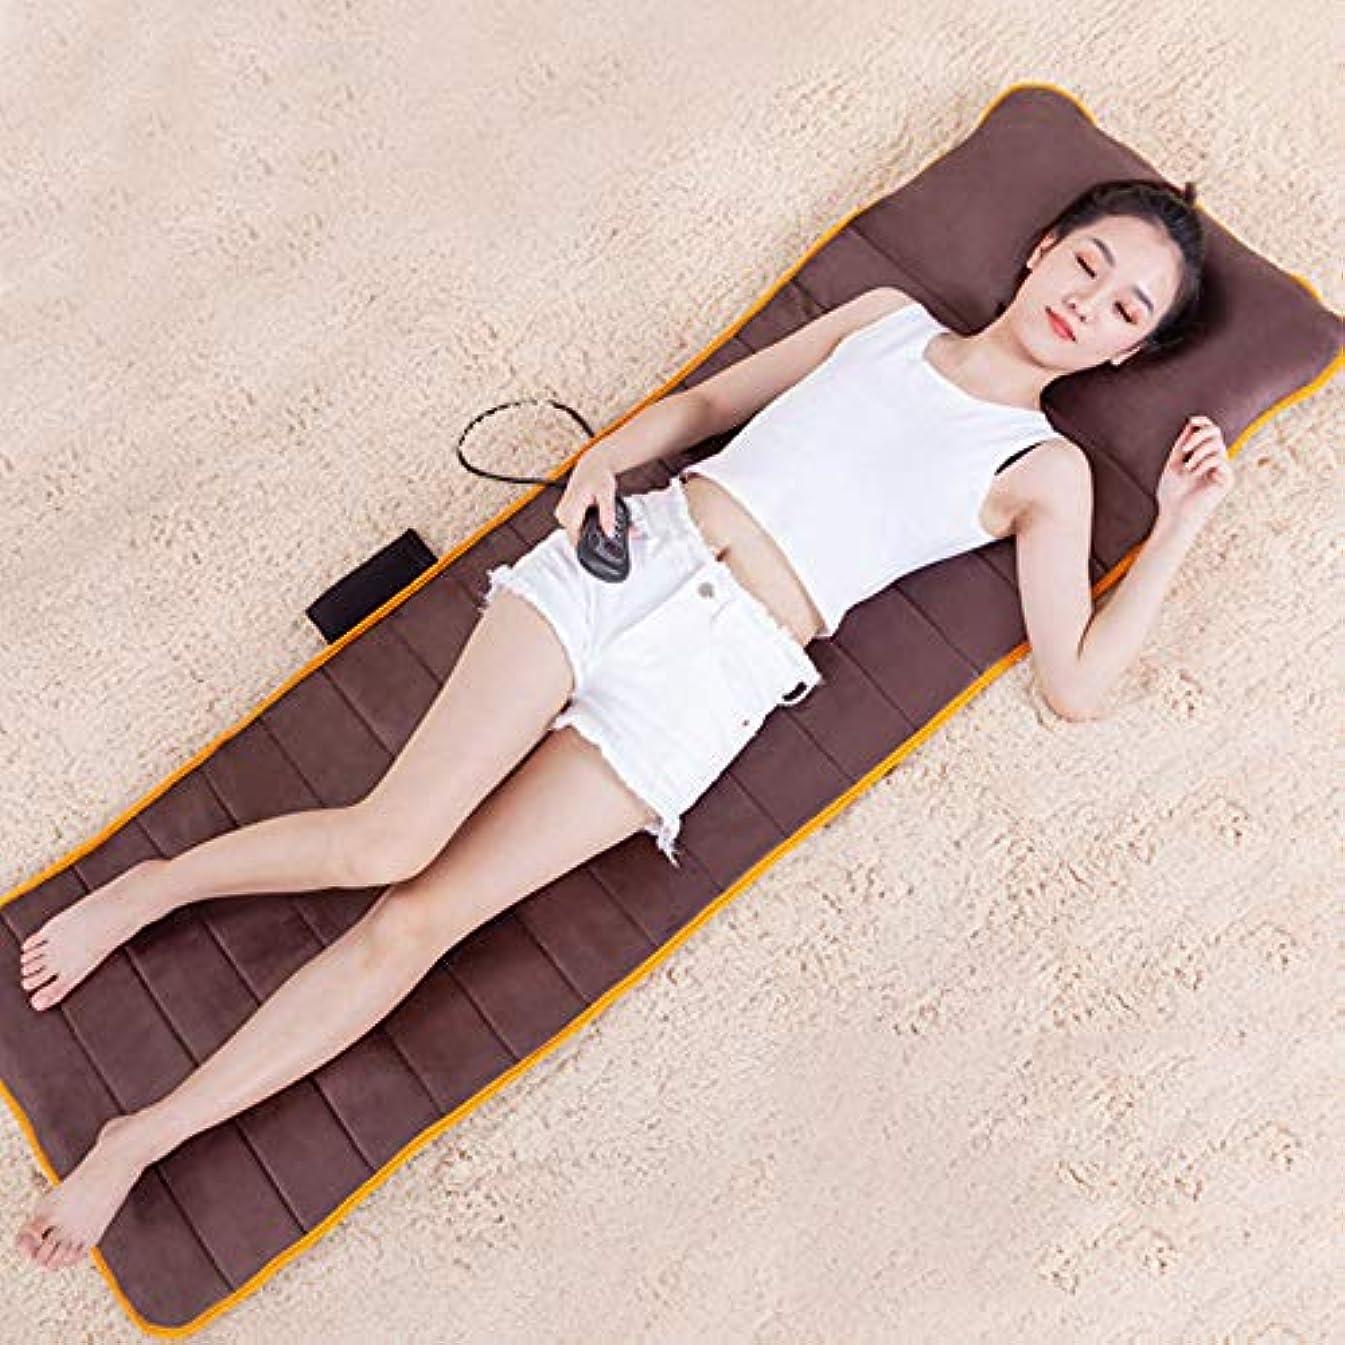 星クラックリーガンマッサージマット - 熱 - 振動可能なマッサージパッド - 首、背中、足の痛みを軽減するための10振動モーターマットレスパッド